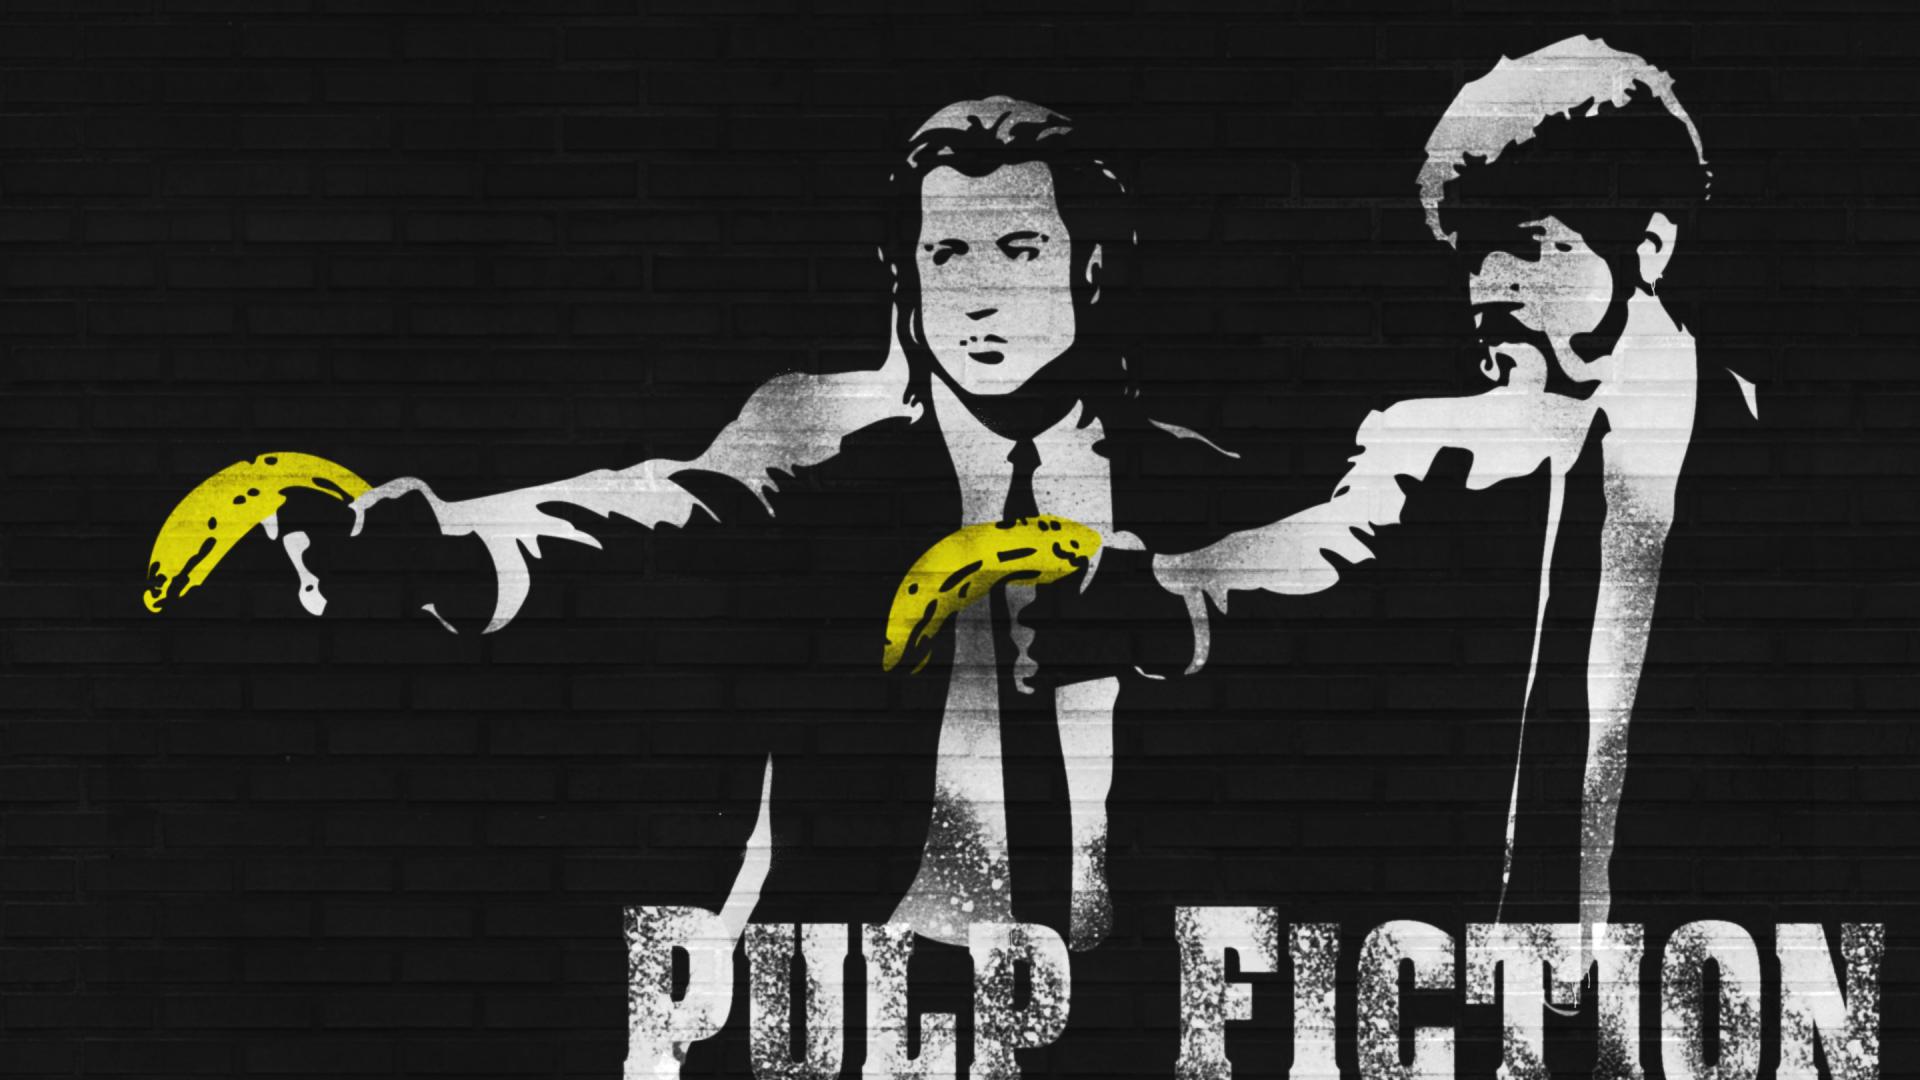 Pulp Fiction Wallpaper Hd Sf Wallpaper